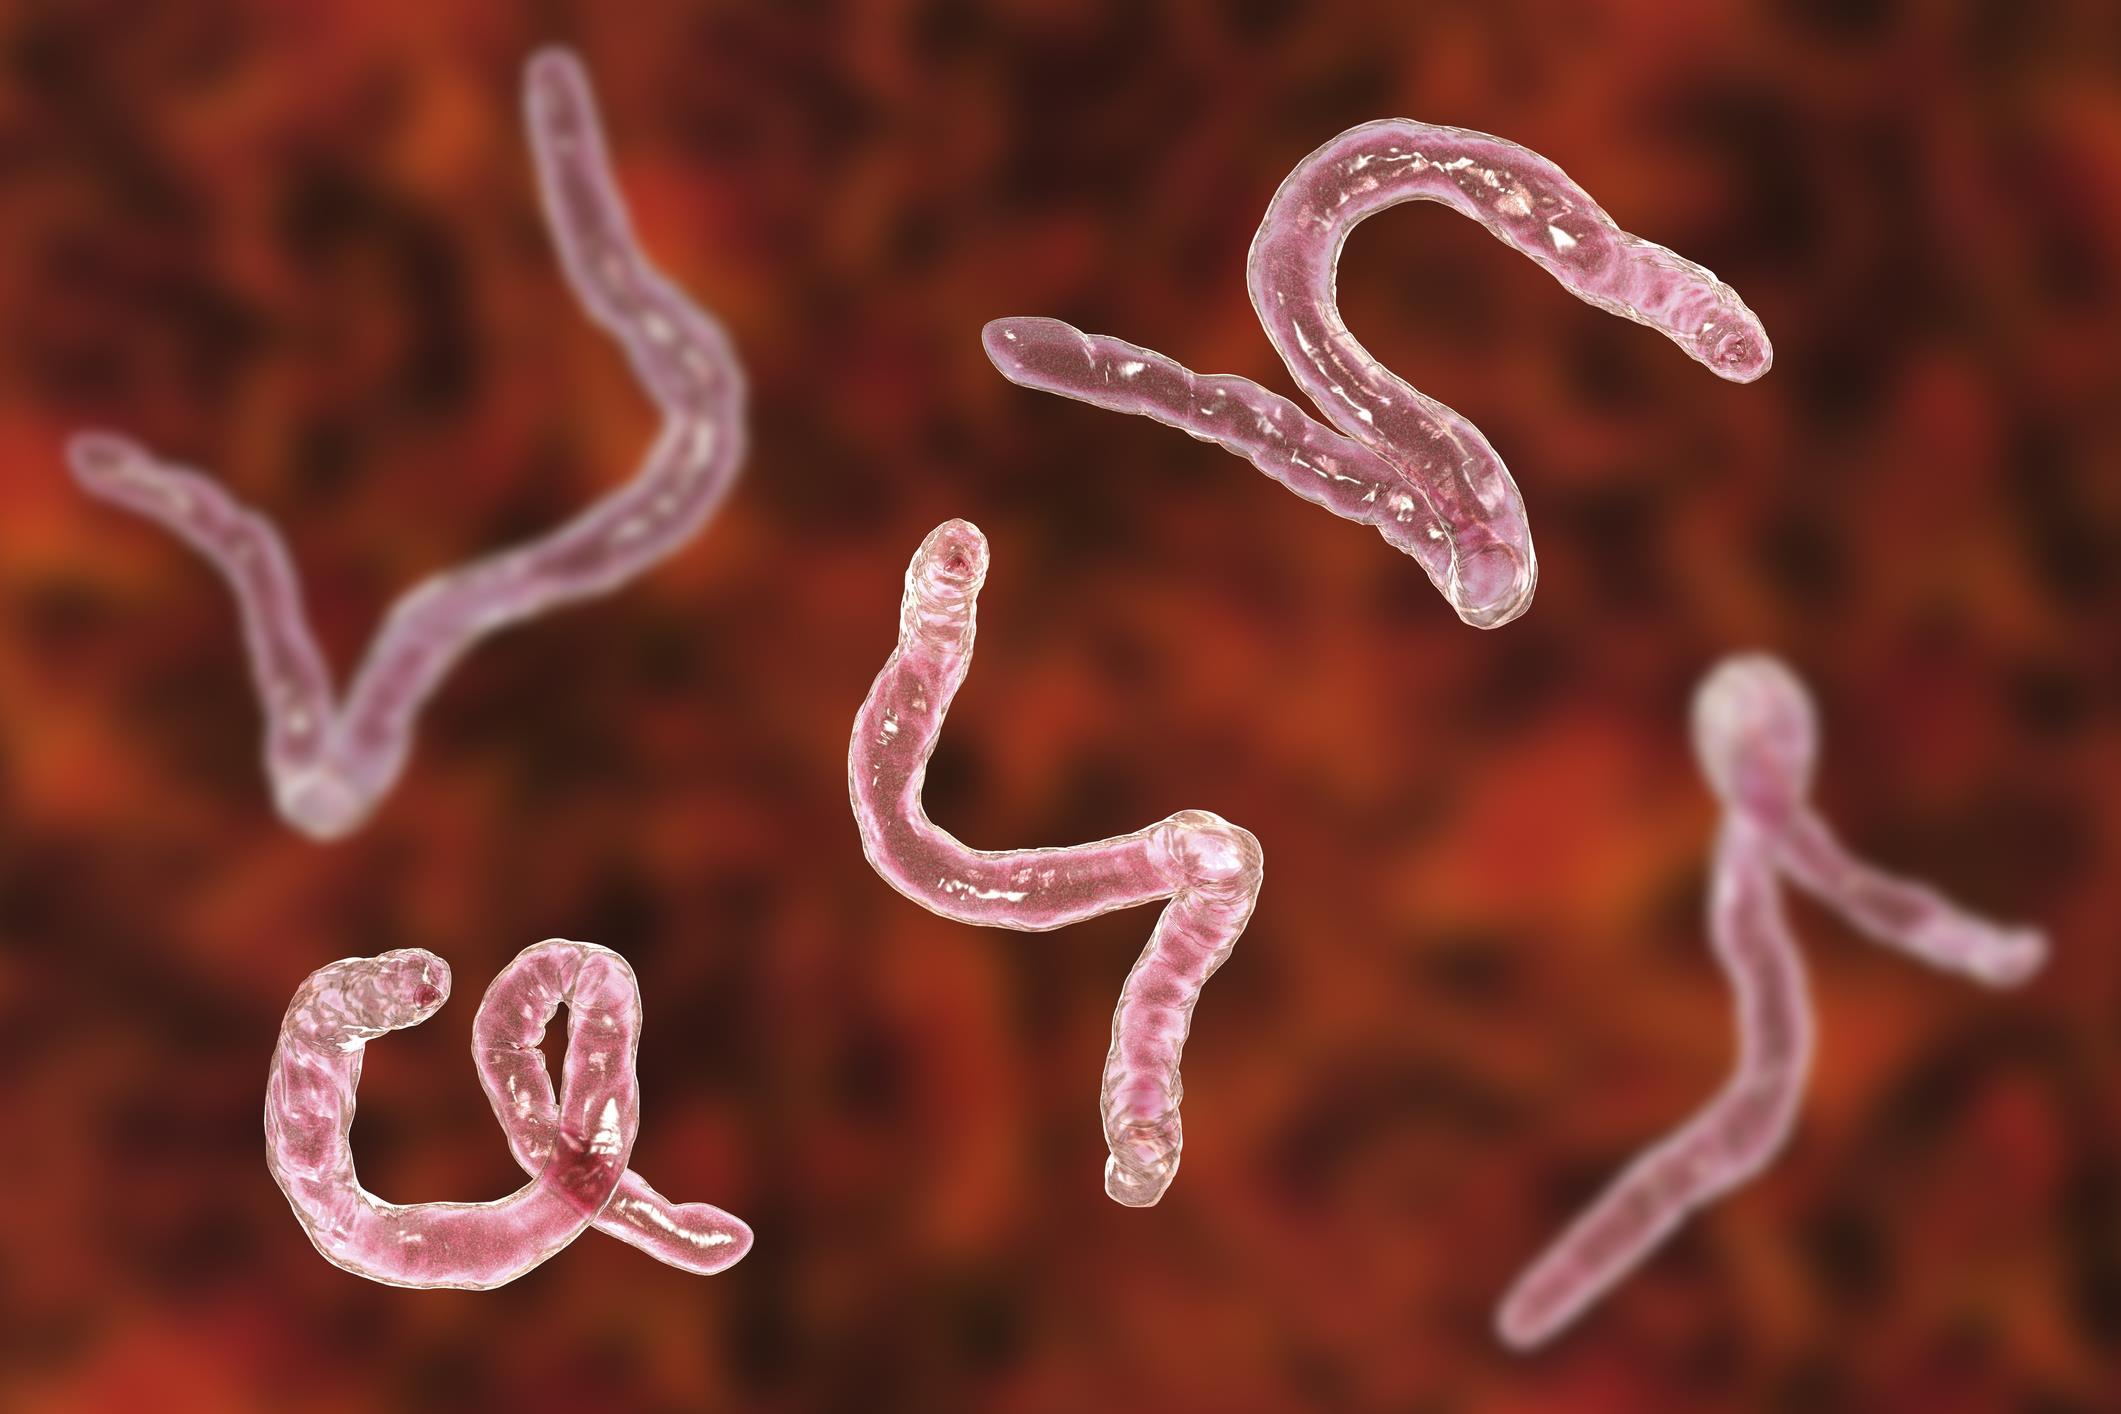 Giardia u kota objawy - Viermi ascorida